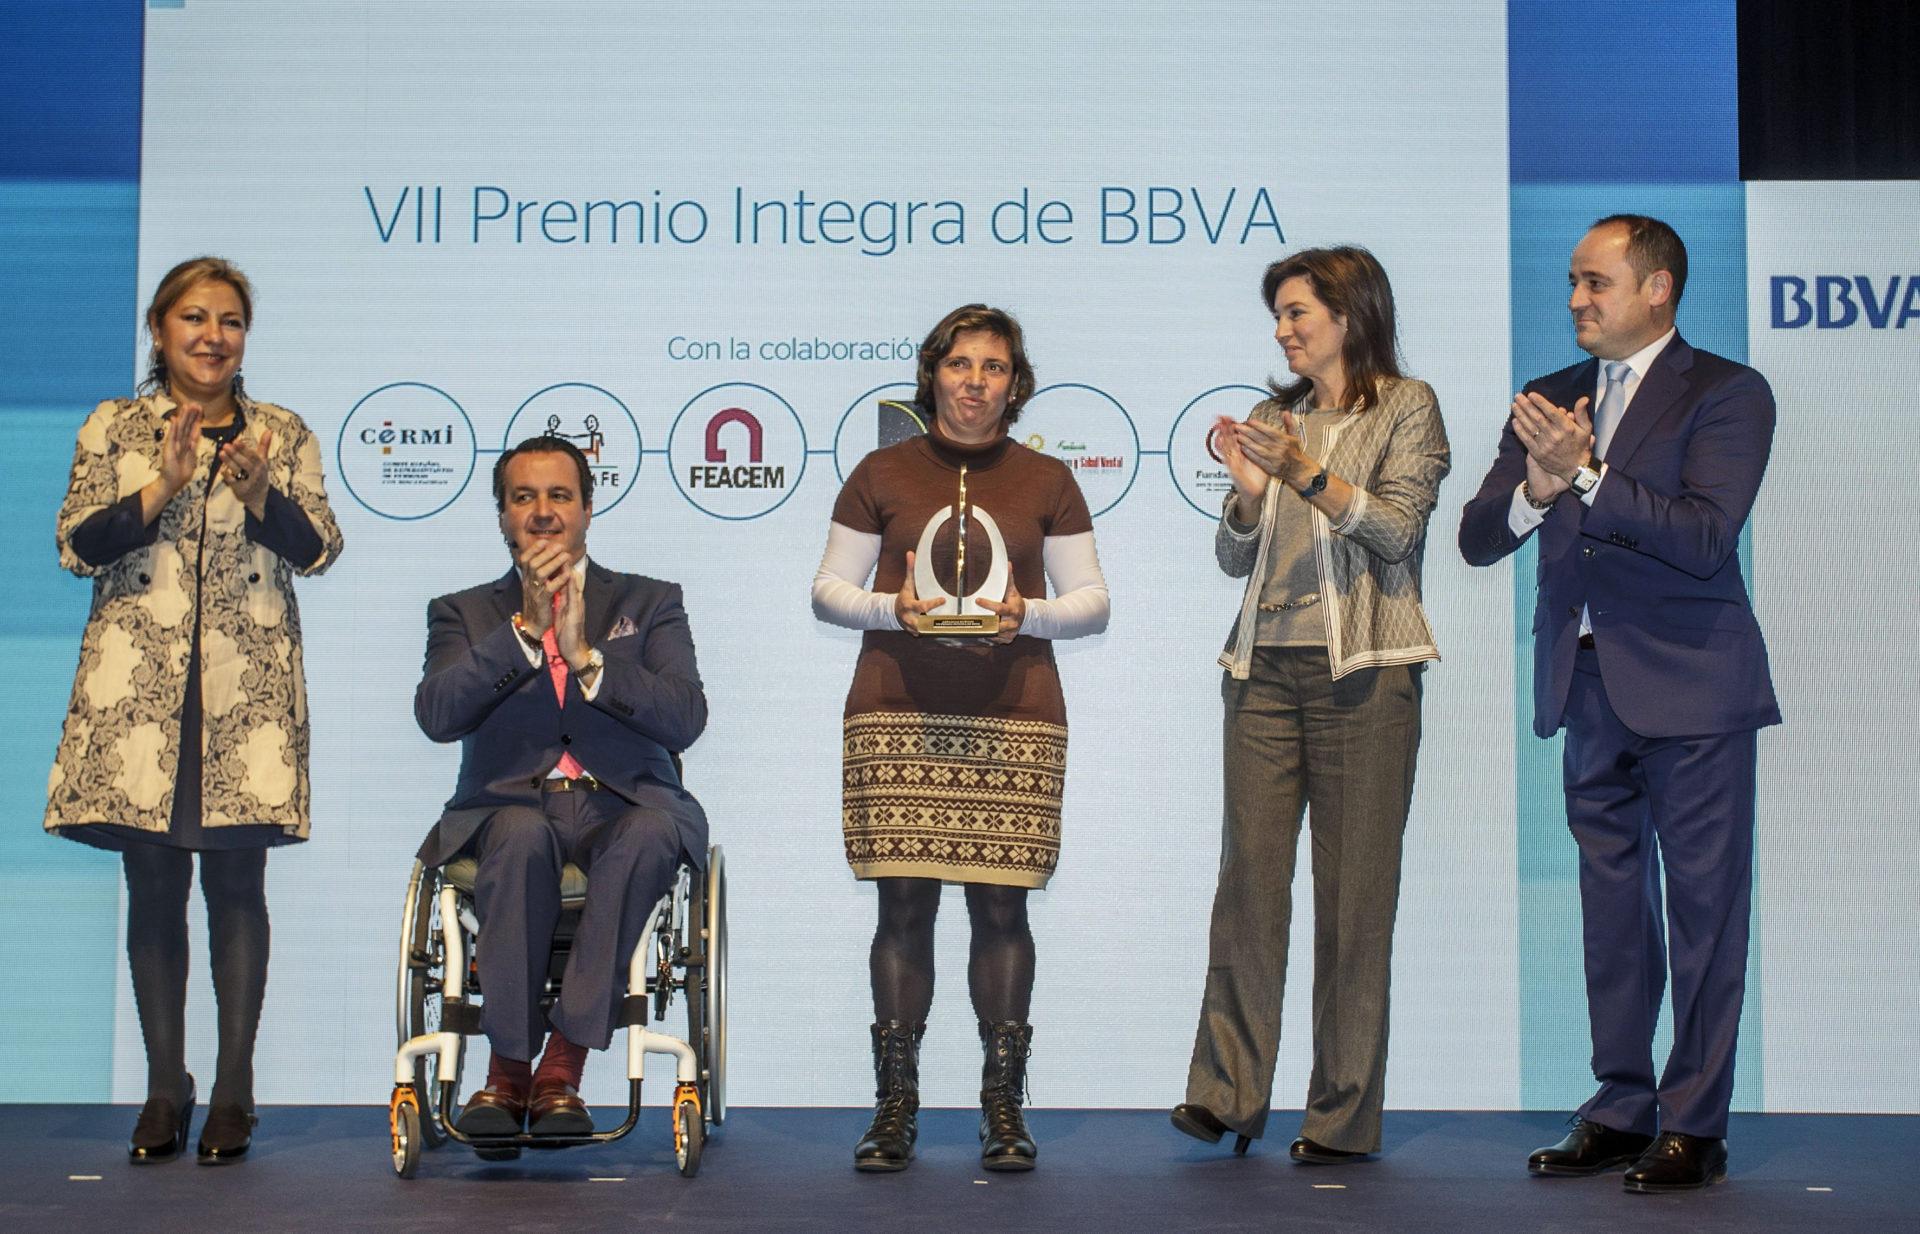 Fotografía de la ceremonia de entrega del VII Premio Integra de BBVA